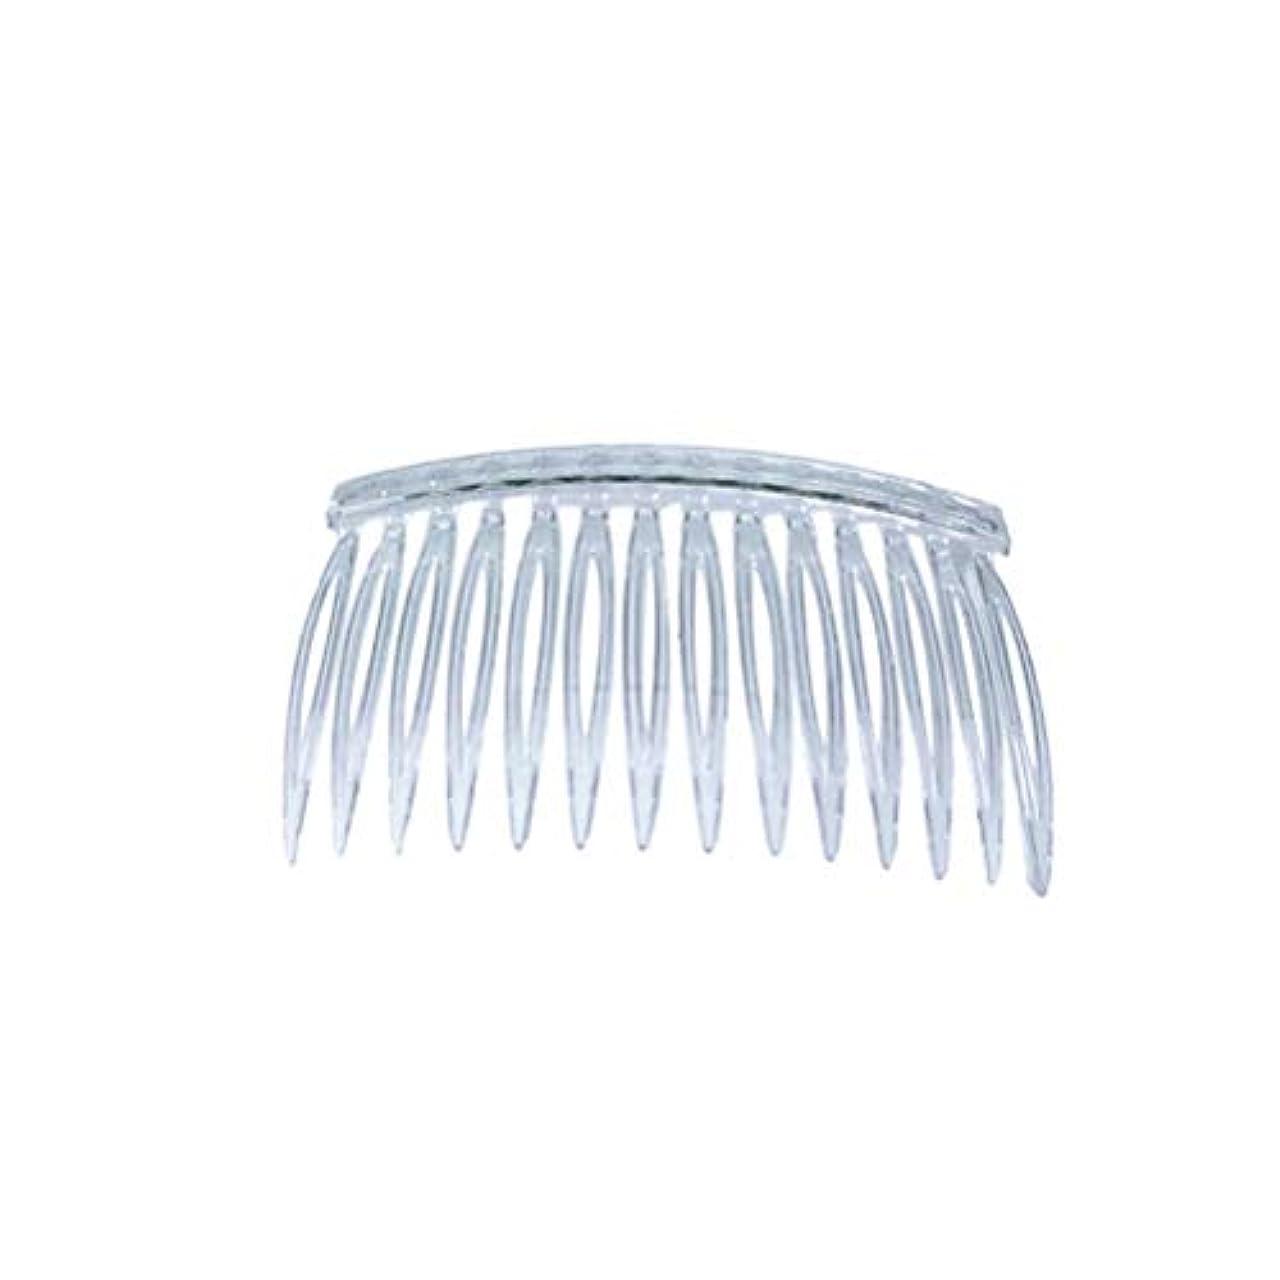 騒々しい電気的今晩Frcolor ヘアコーム ヘアアレンジ コーム かんざし ヘッドドレス 髪の櫛 髪飾り ヘアアクセサリー まとめ髪 プラスチック 透明 10本セット